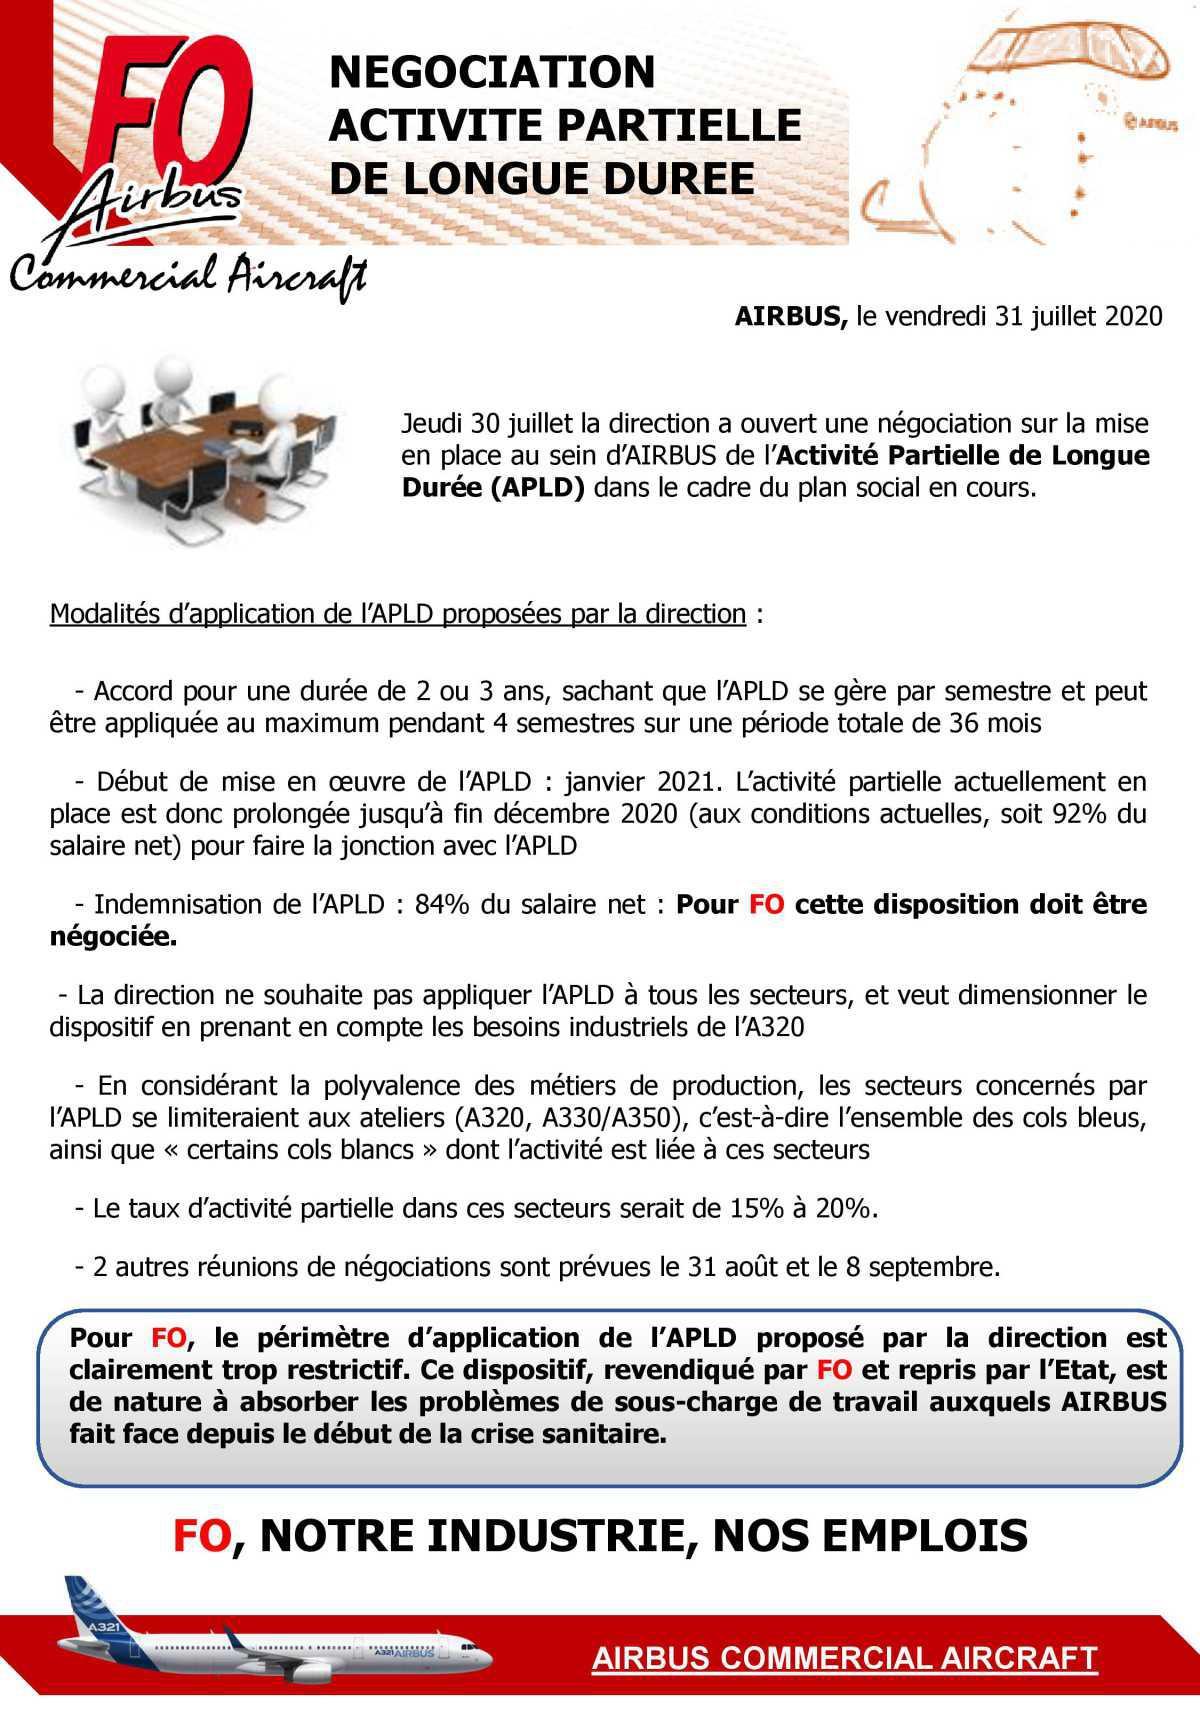 Négociation APLD (Activité Partielle Longue Durée)